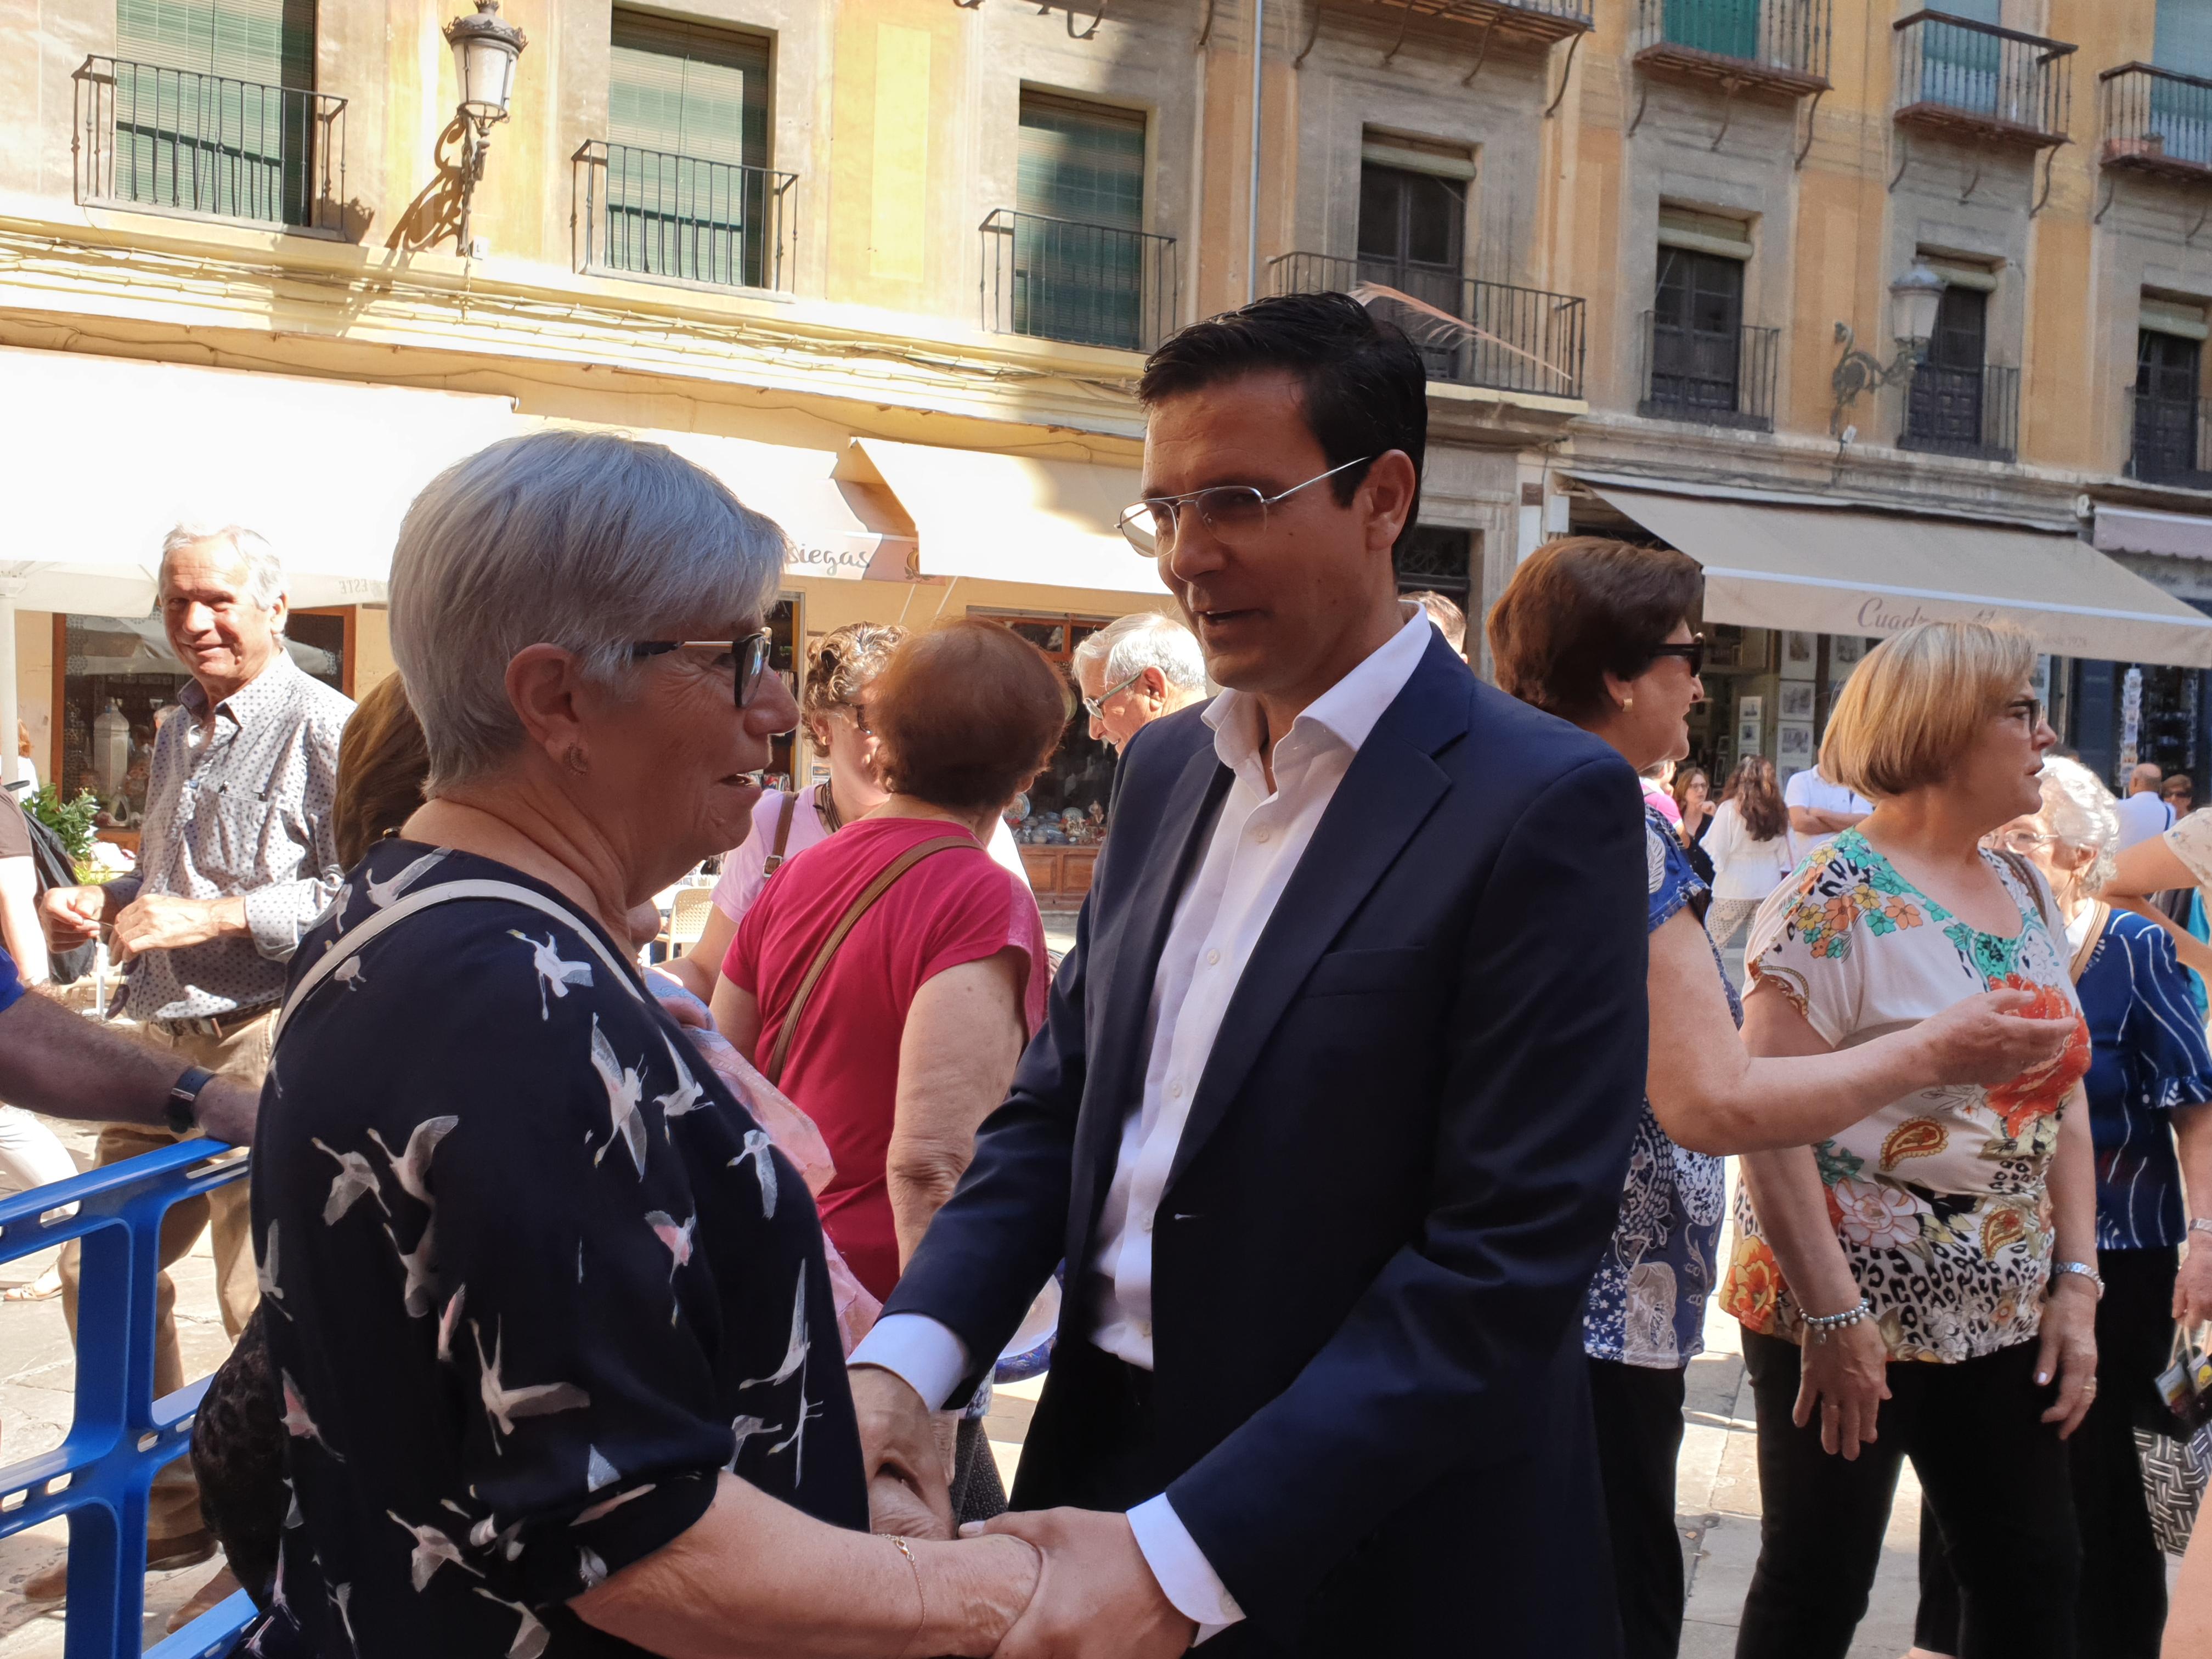 Cuenca insta a Ciudadanos a decir «si está dispuesto a llegar a un acuerdo» para un «trifachito»